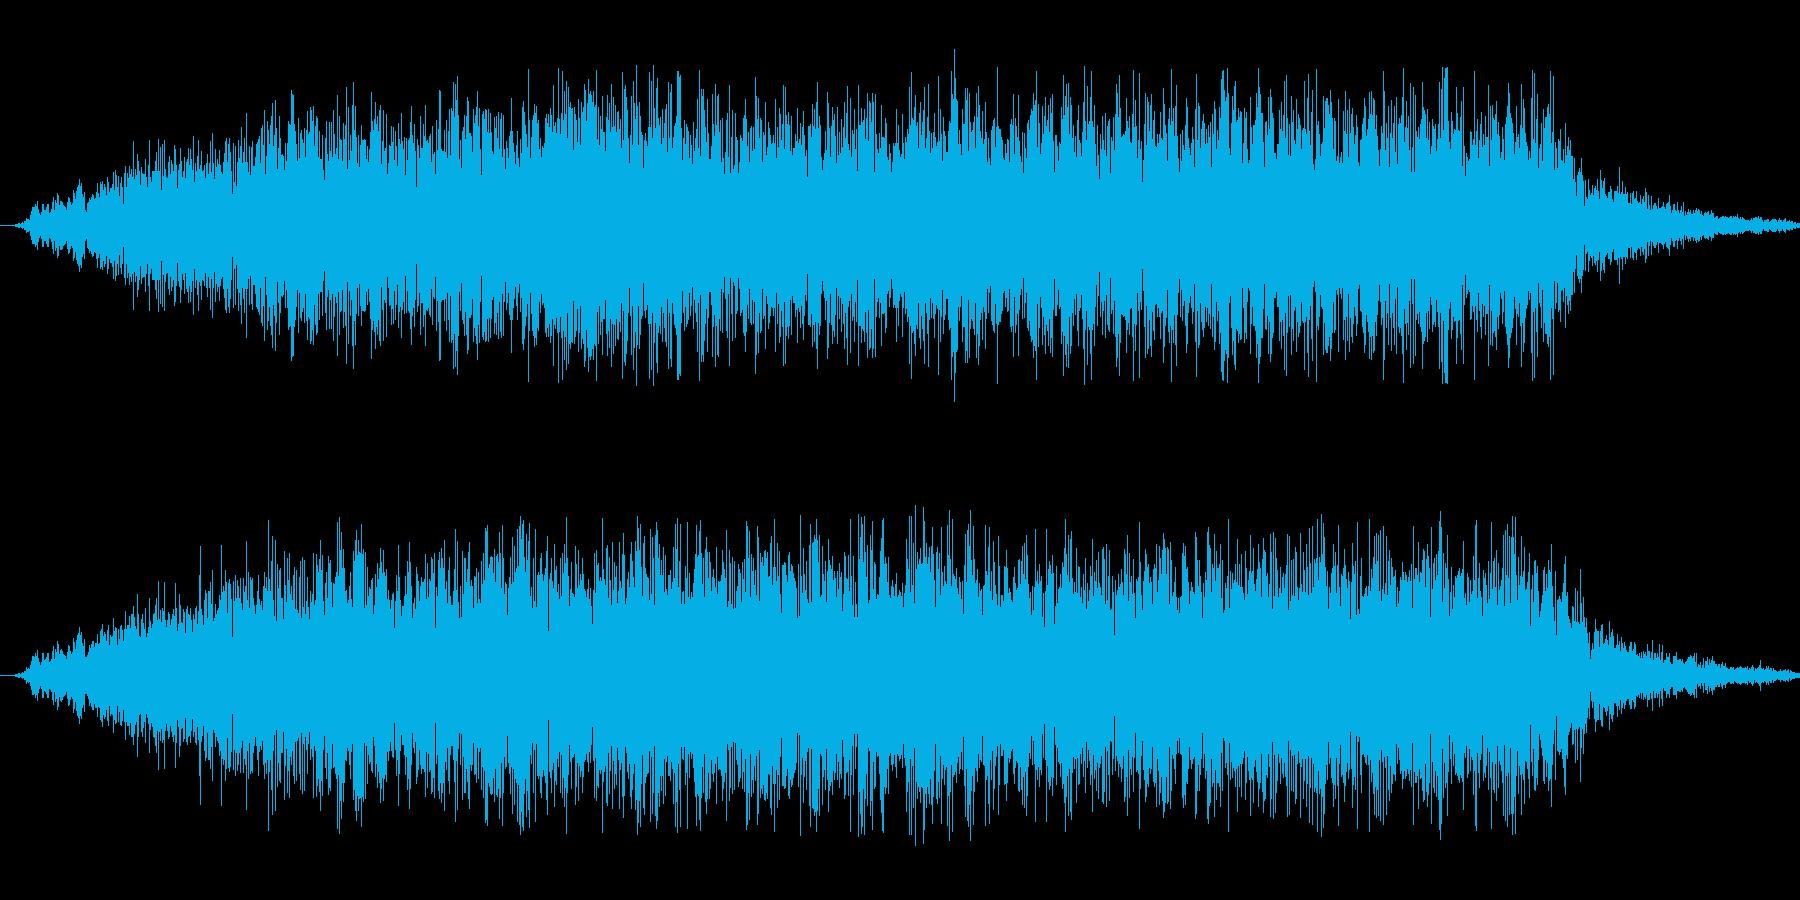 恐怖の不協和音の再生済みの波形